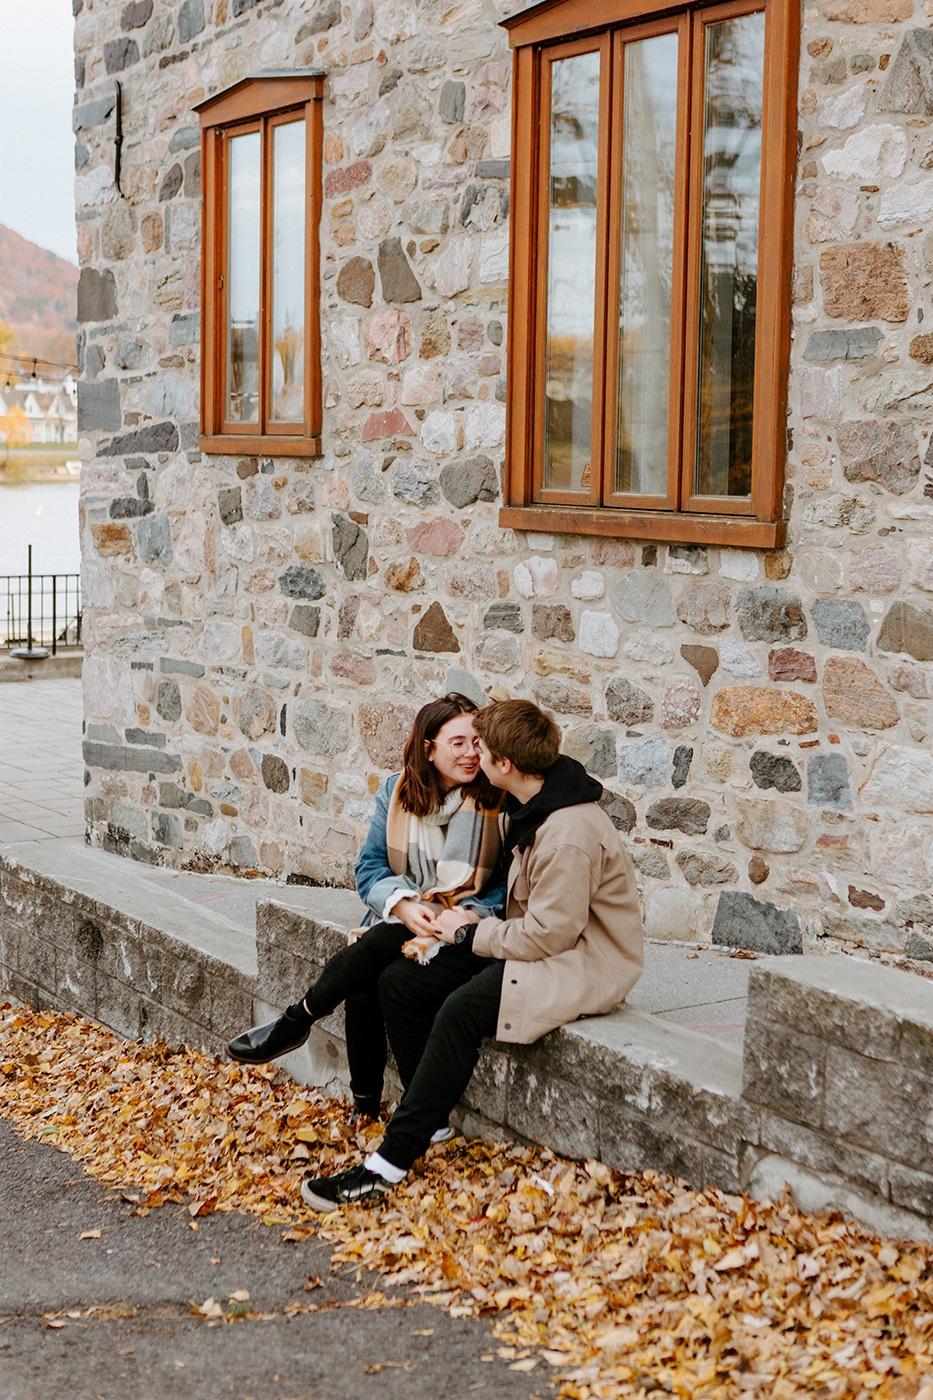 Photographe de fiançailles à Montréal. Photographe de couple à Montréal. Montreal engagement photographer. Montreal couple photographer. Romantic fall session in Montreal. Photographe Montérégie. Photographe Beloeil. Vieux-Beloeil.